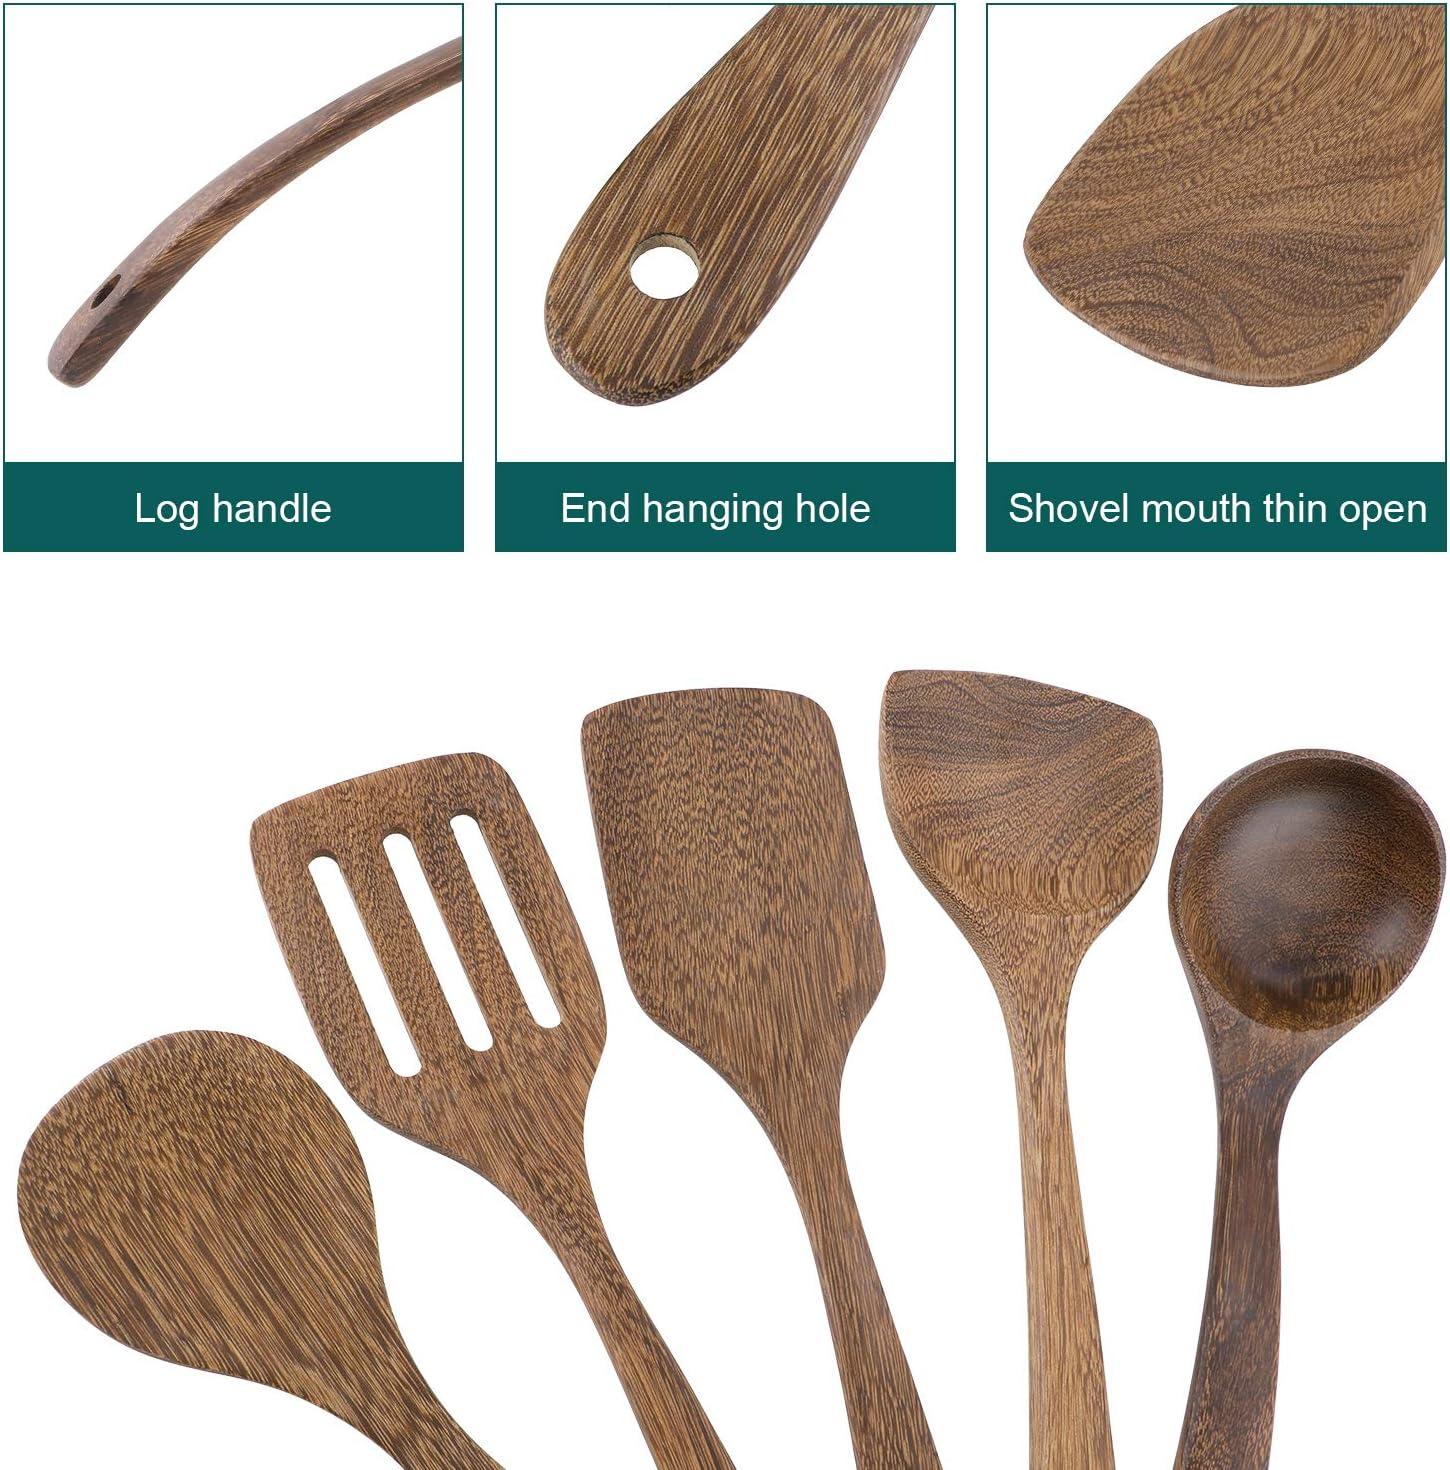 Anti-rayures Japonais Cuill/ères de cuisson R/ésistants /à la chaleur Ensemble de 5 ustensiles de cuisine en bois Pour po/êles antiadh/ésives Spatule en bois